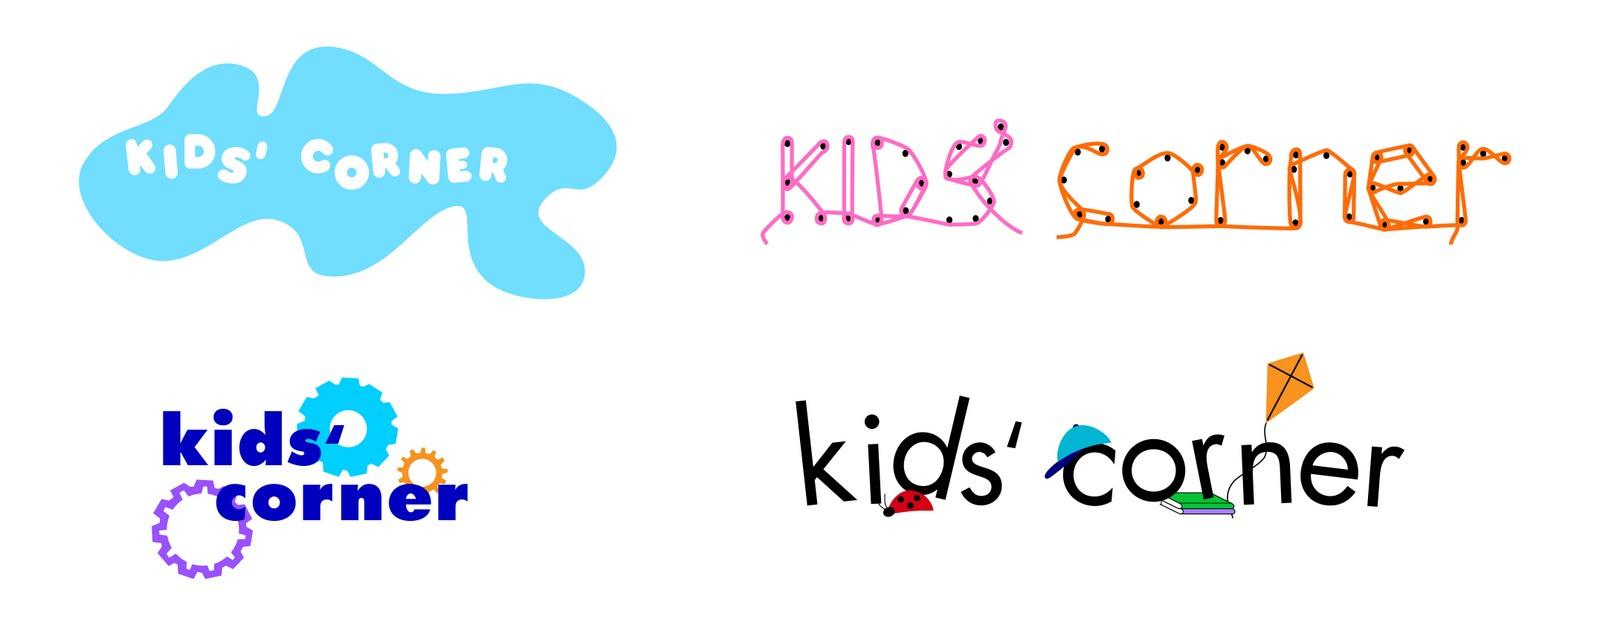 Kids+corner+logo